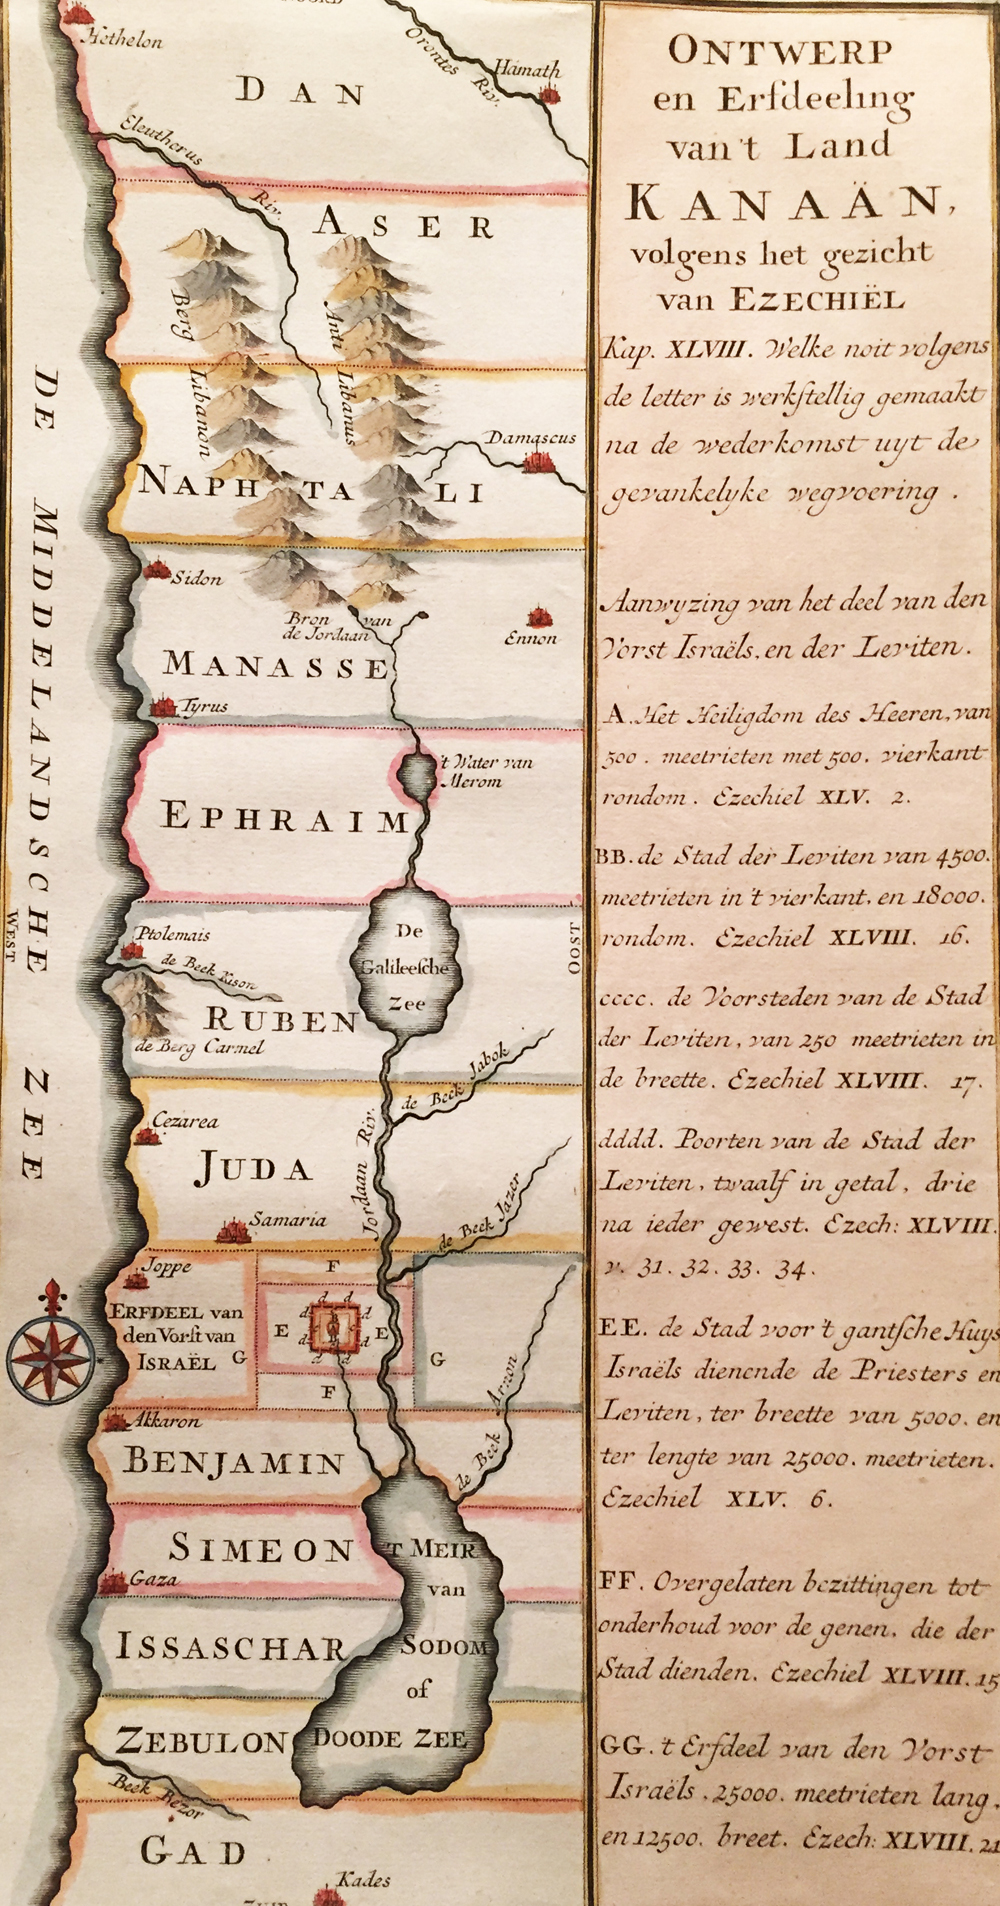 Kanaan – Ontwerp en Erfdeeling van 't Land Kanaan, Volgens het Gezicht van Ezechiel